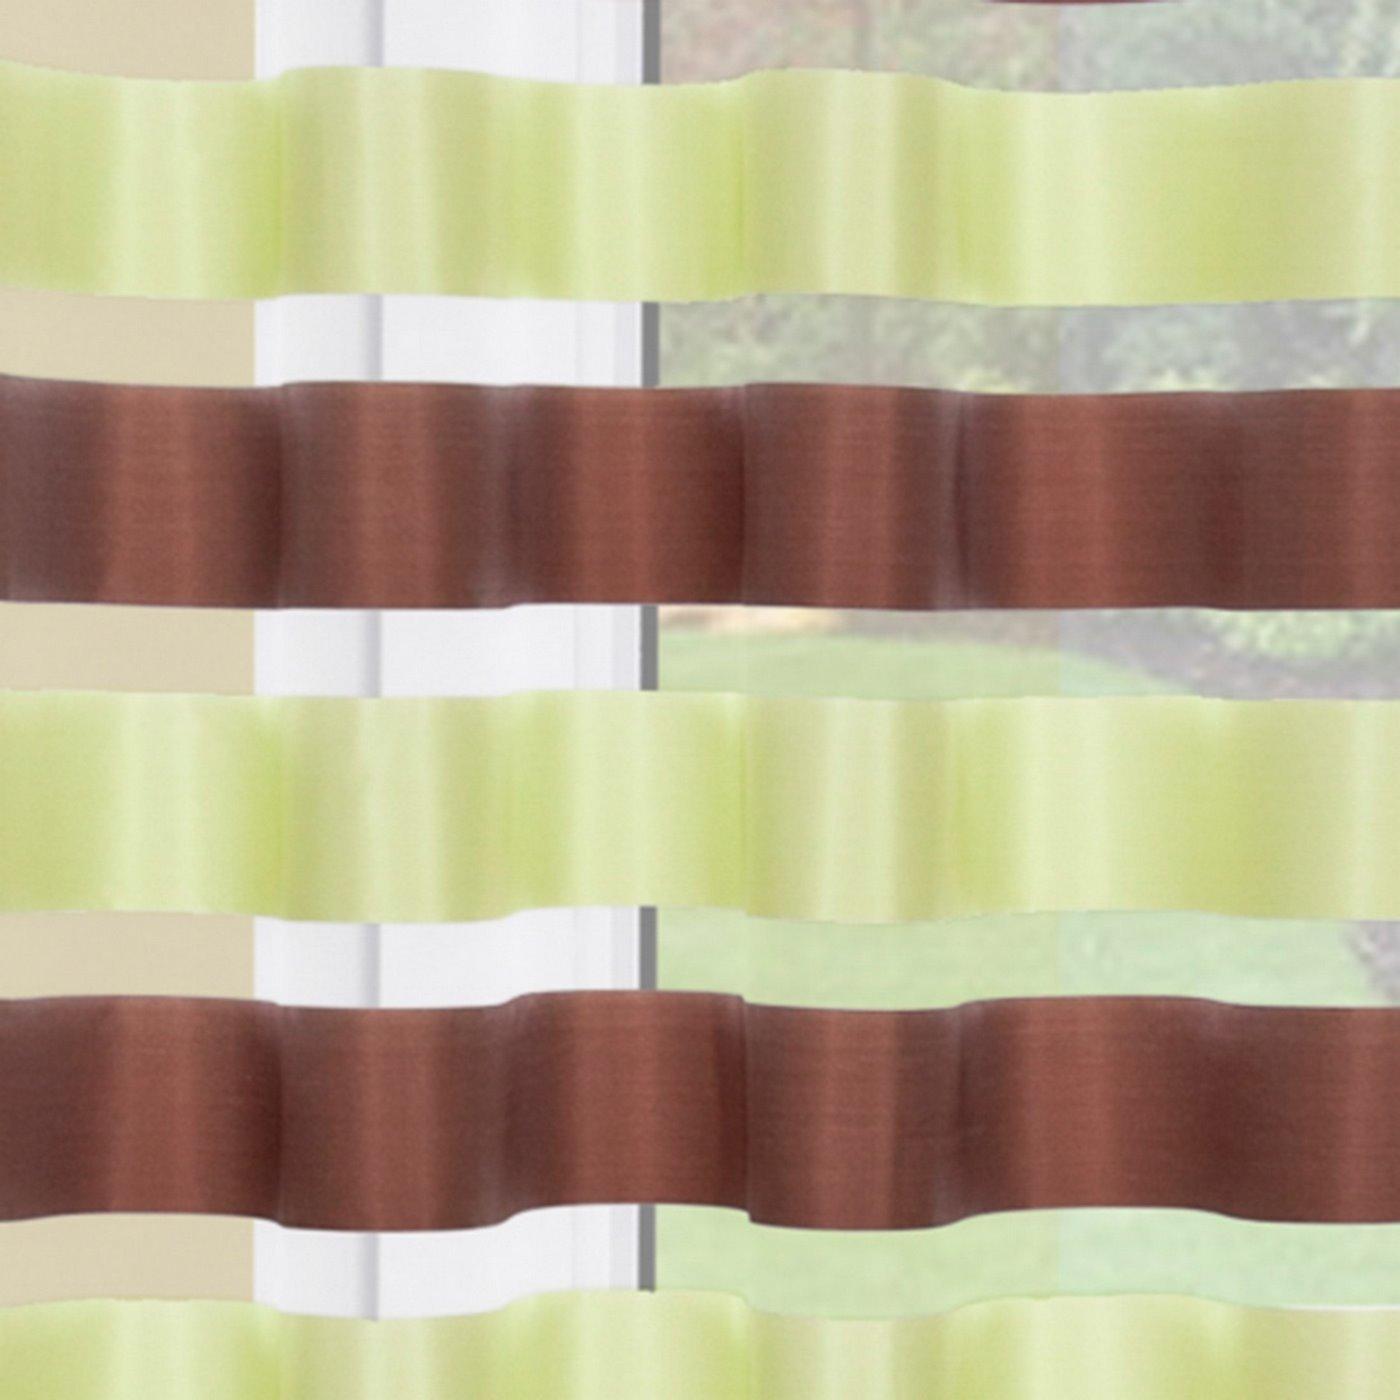 Zasłona Poziome Atłasowe Pasy Organza Zielony Brązowy Przelotki 140X250Cm